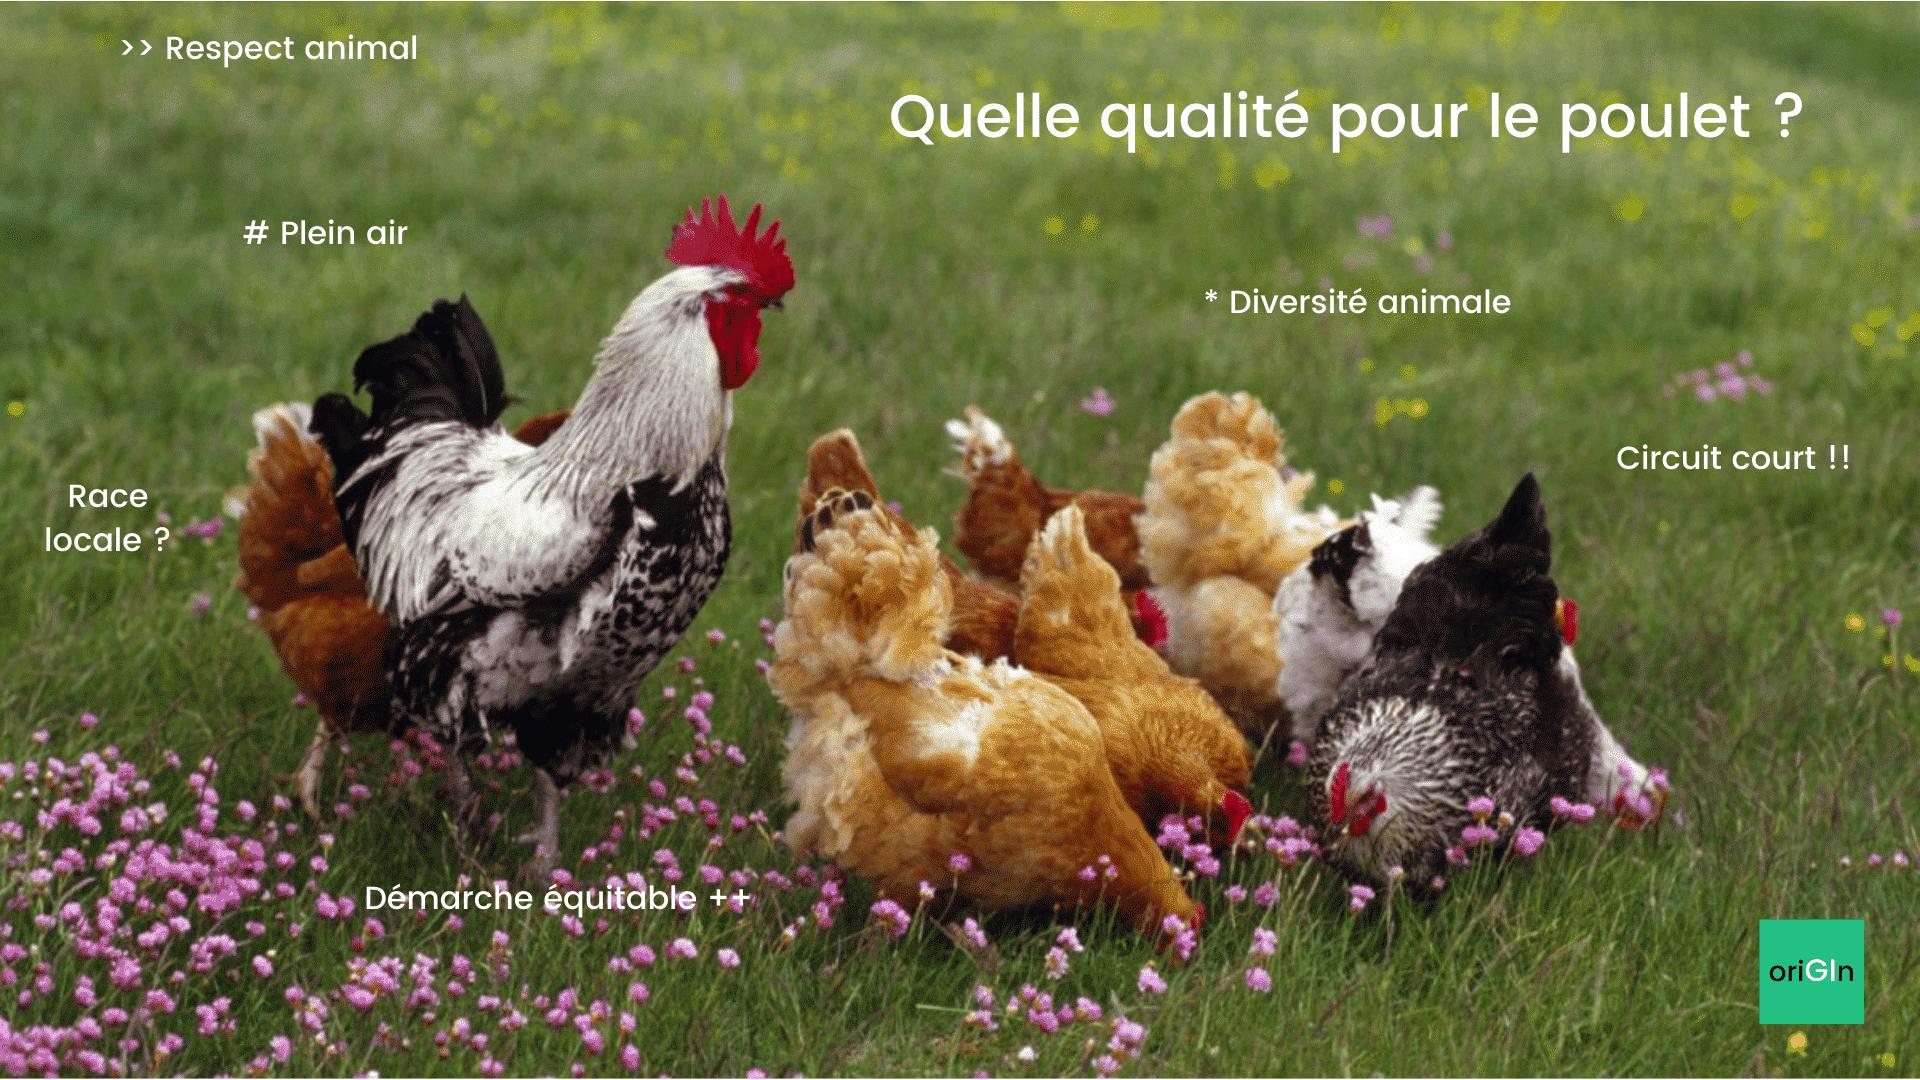 Comment choisir un poulet de qualité